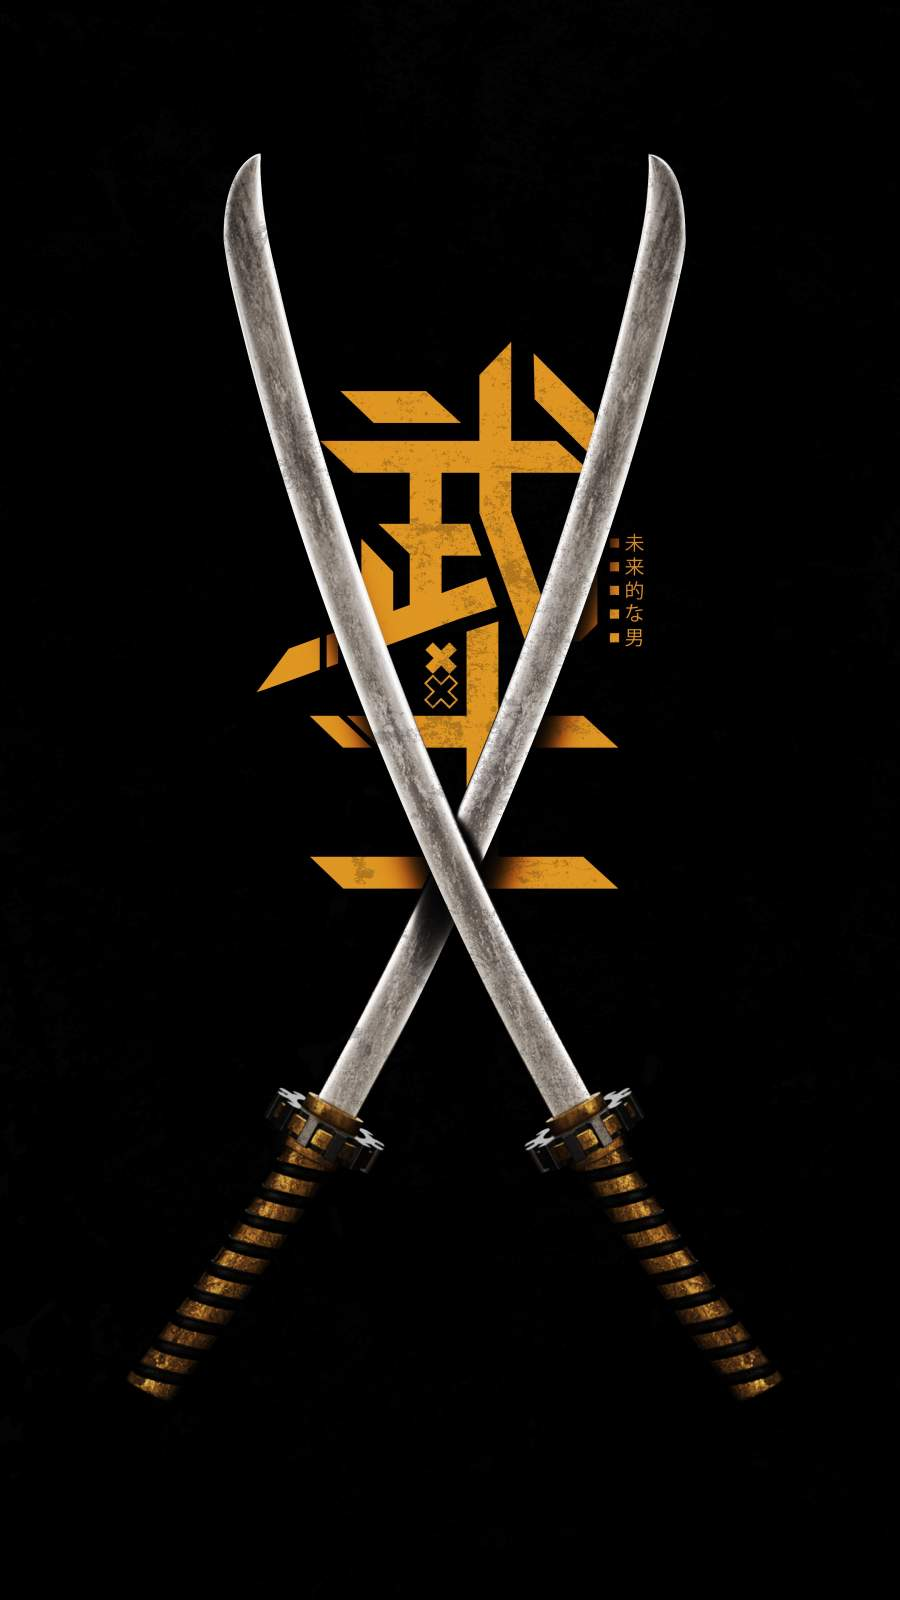 Katana Sword iPhone Wallpaper